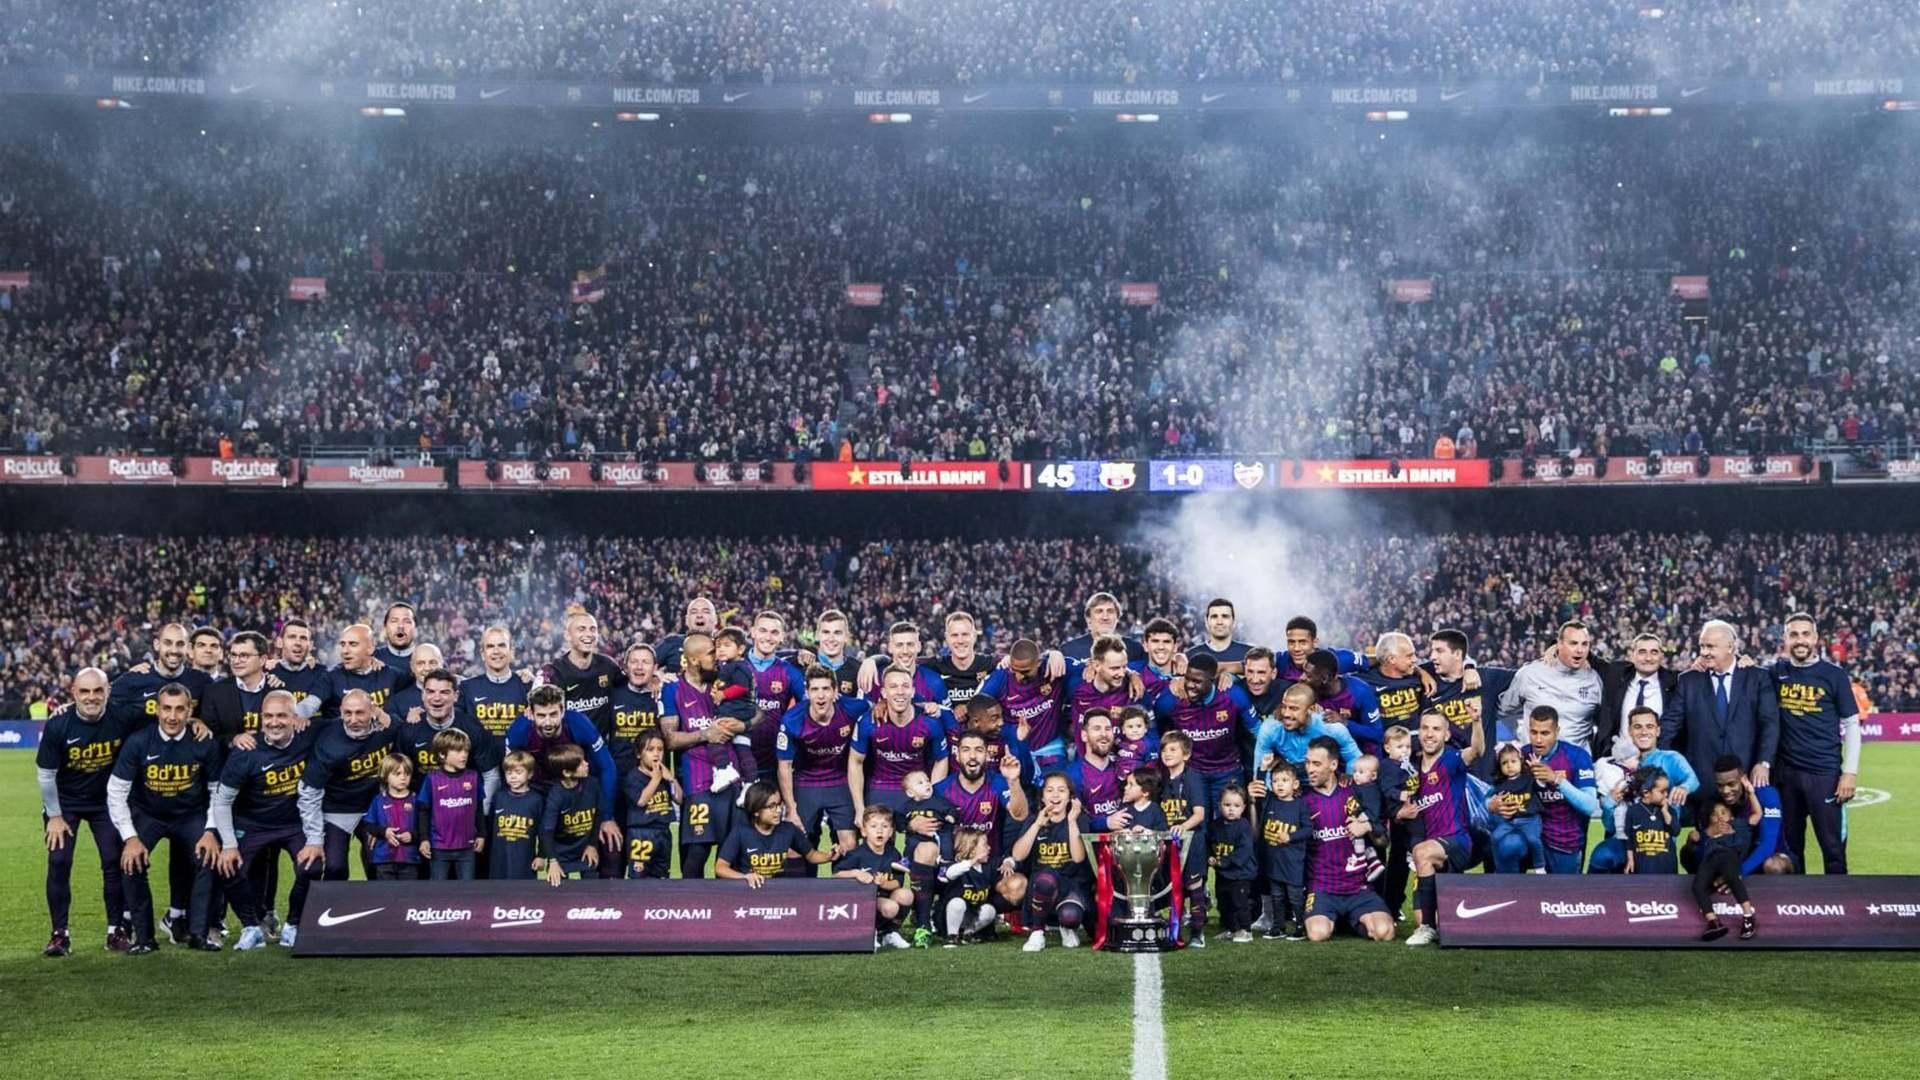 Кадры из фильма  Matchday: Inside FC Barcelona 2019